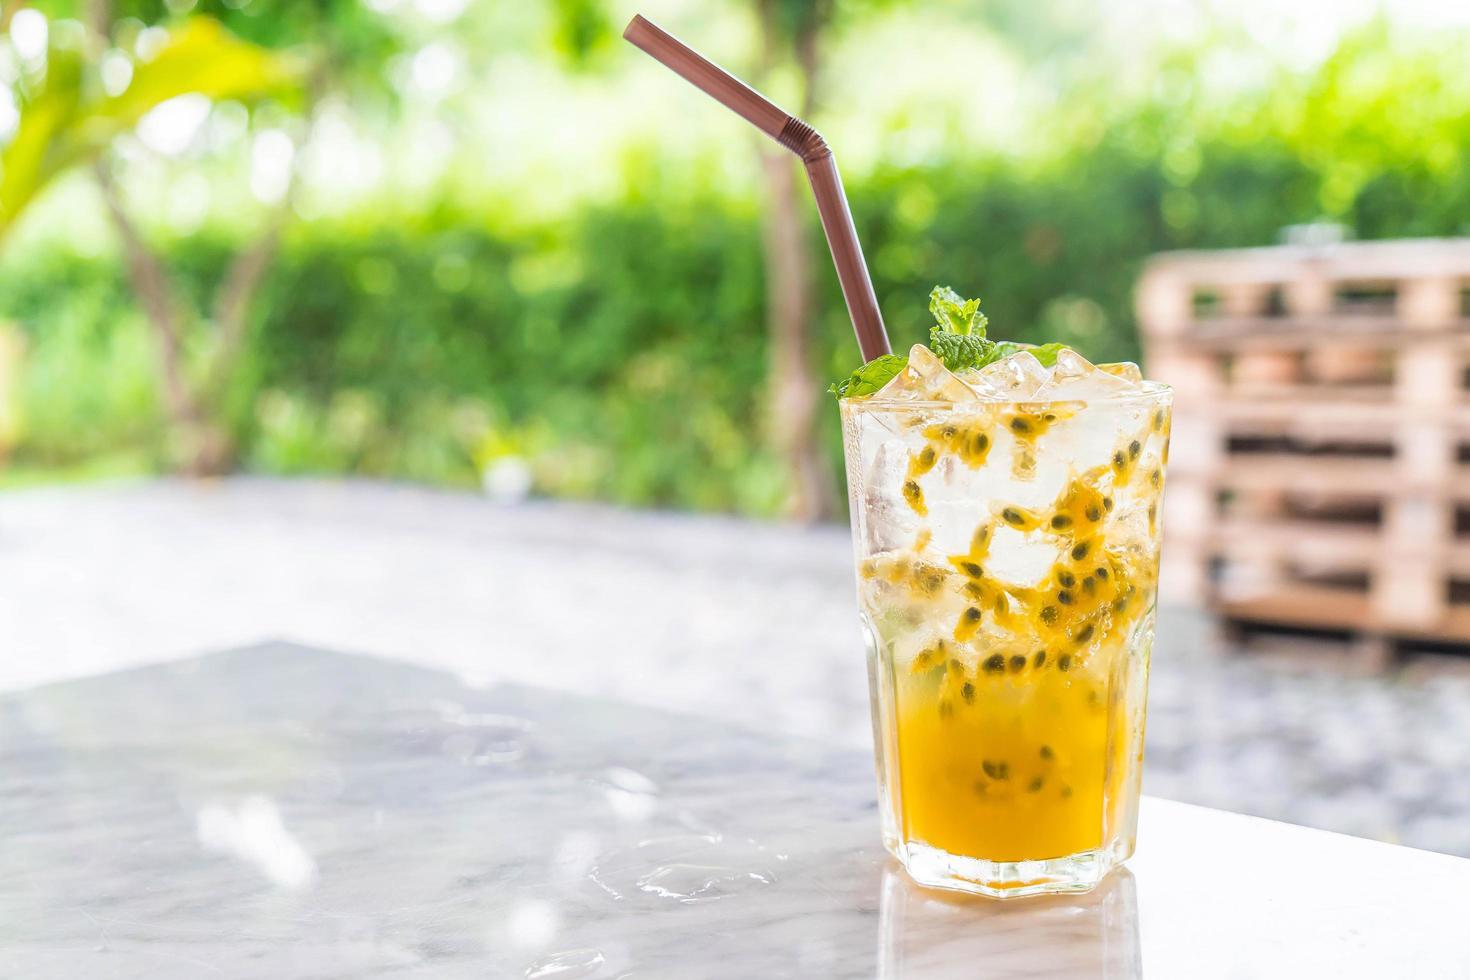 passion frukt drink på bordet utanför foto